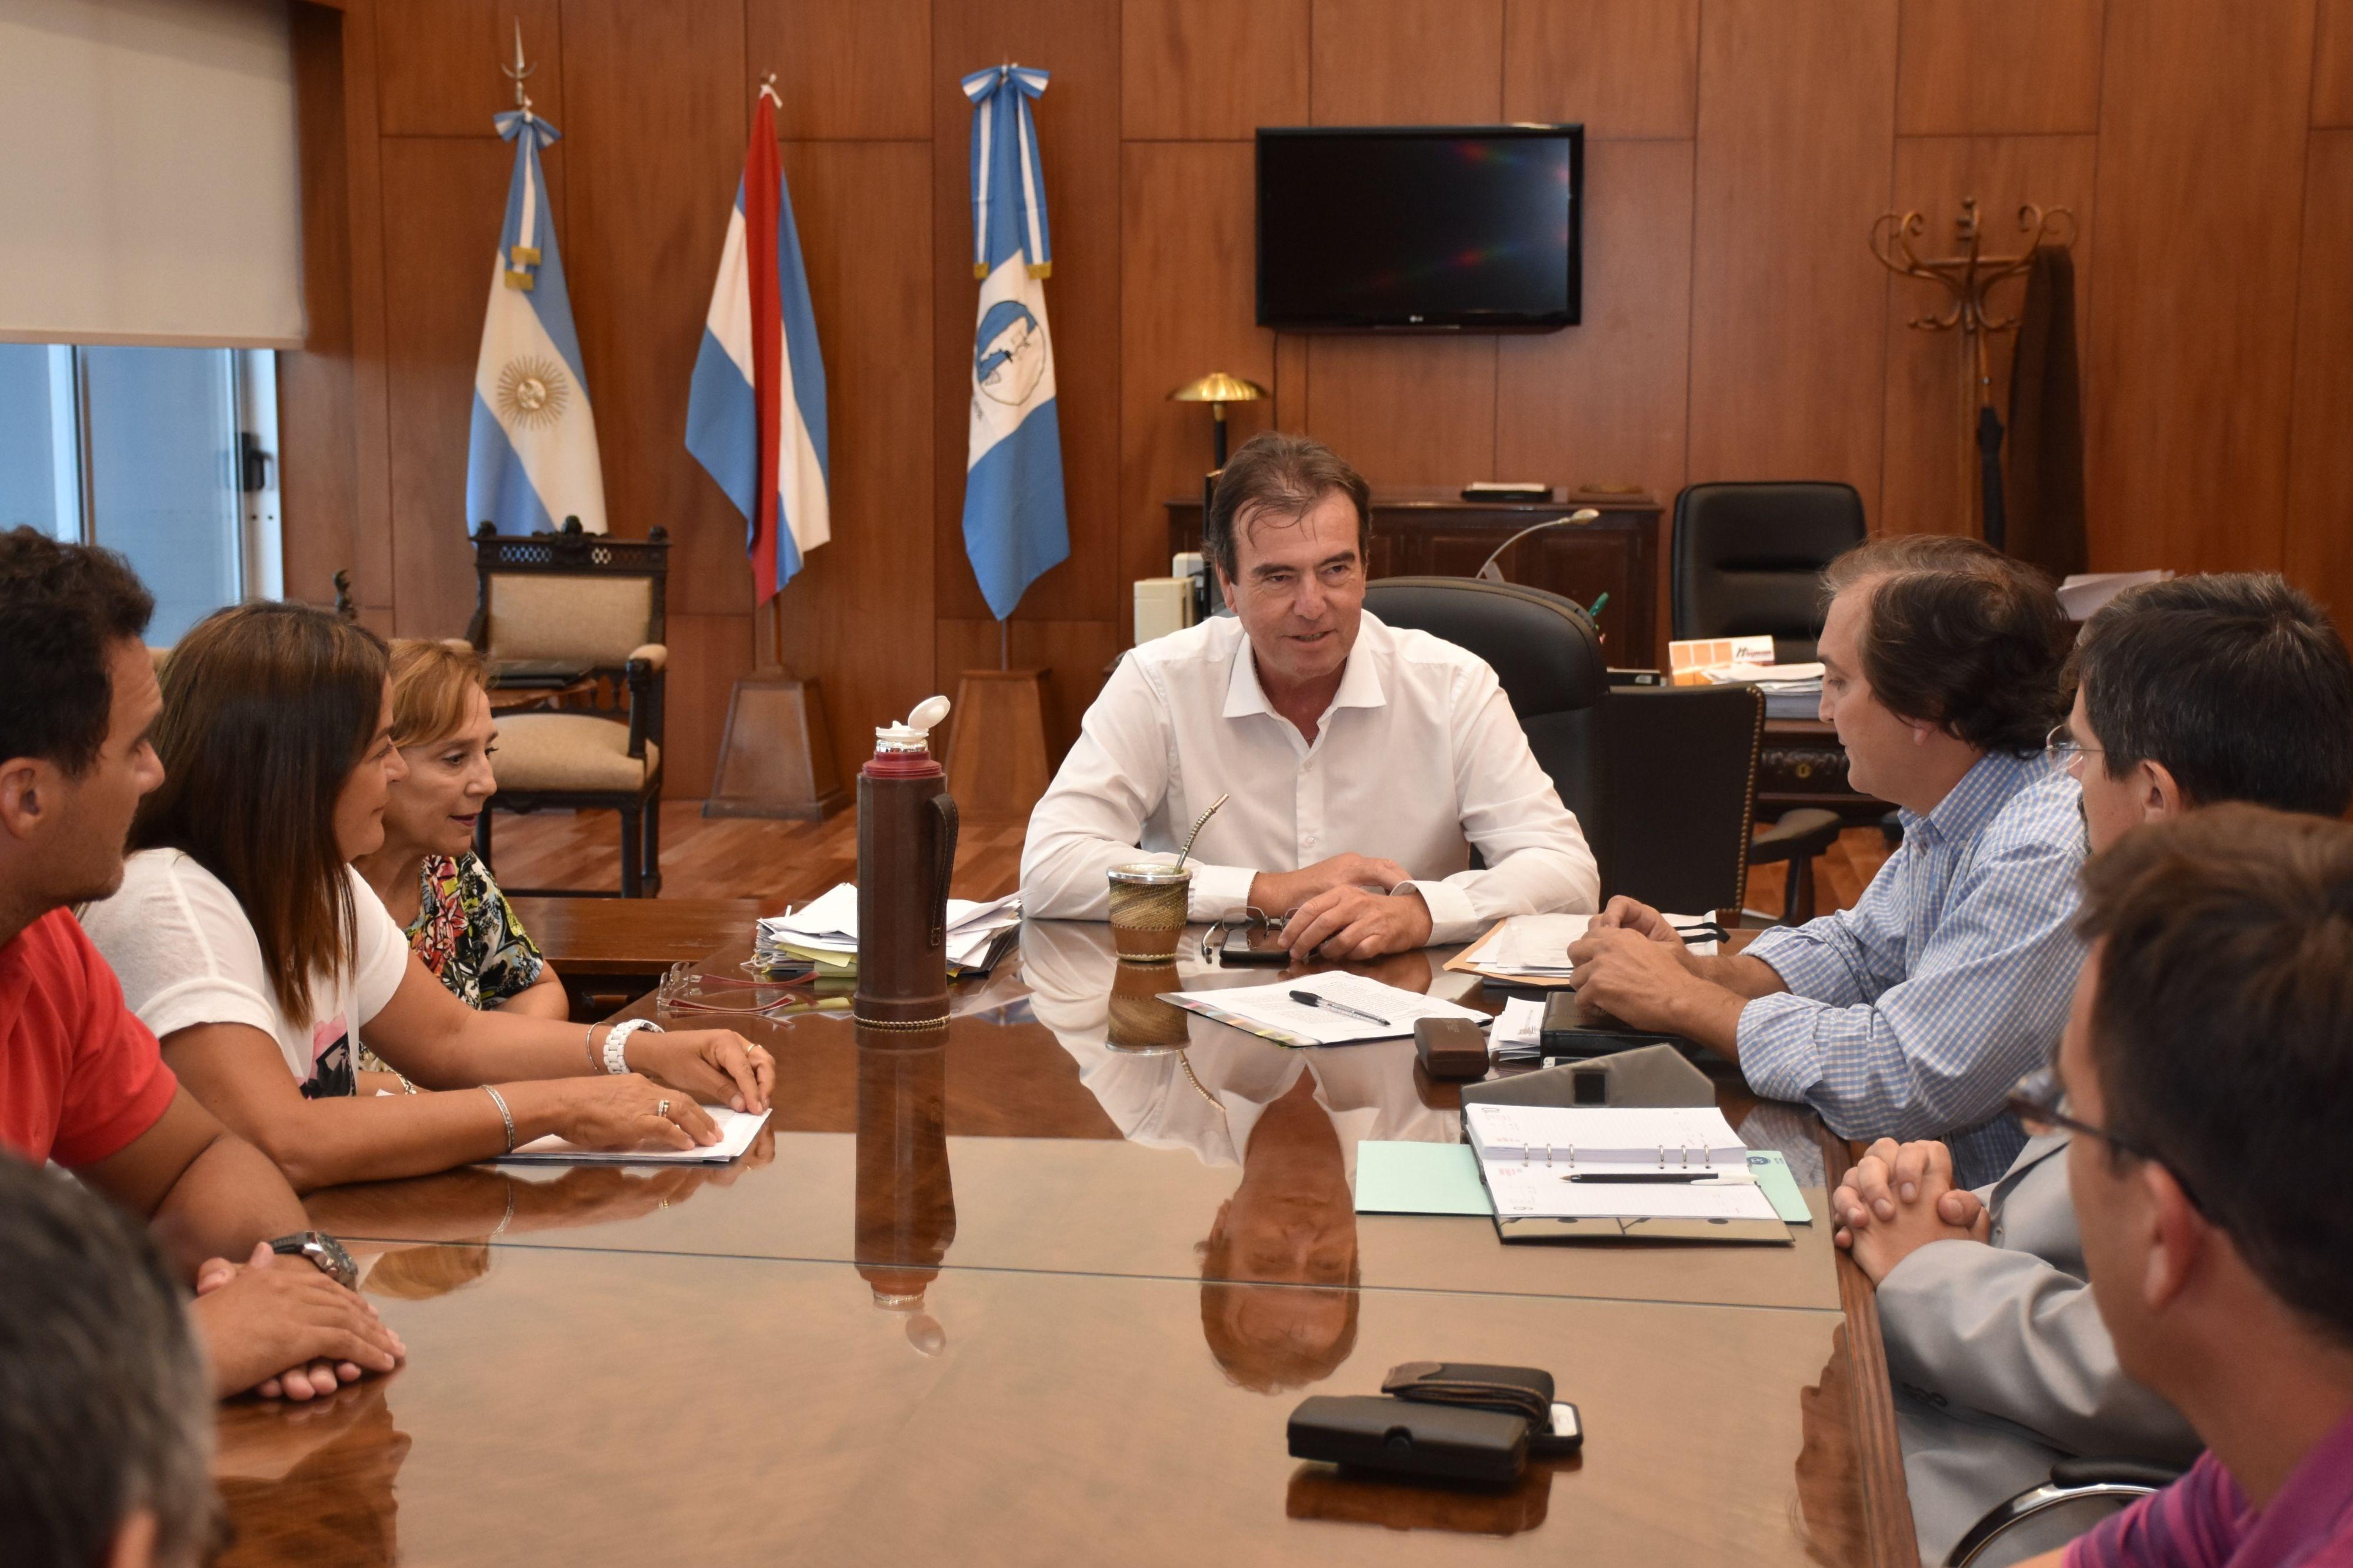 El Presidente del STJ recibió en audiencia a las autoridades de la Asociación de Magistrados y Funcionarios  del Poder Judicial de Entre Ríos